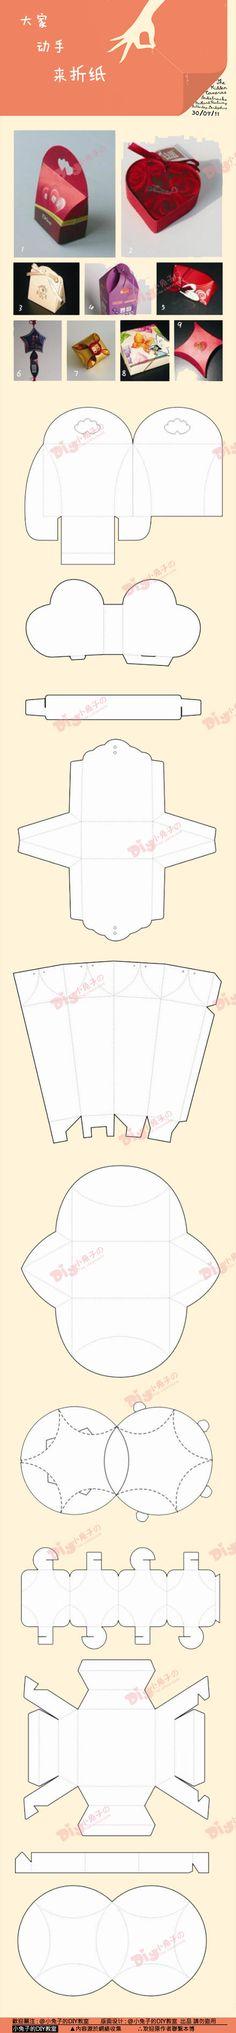 【几种不同的礼盒样式与图纸】很齐全的图纸,大家可以收藏起来,以后都会用的到,只要按图纸裁出形状,虚线折,扭一扭,你可以的!